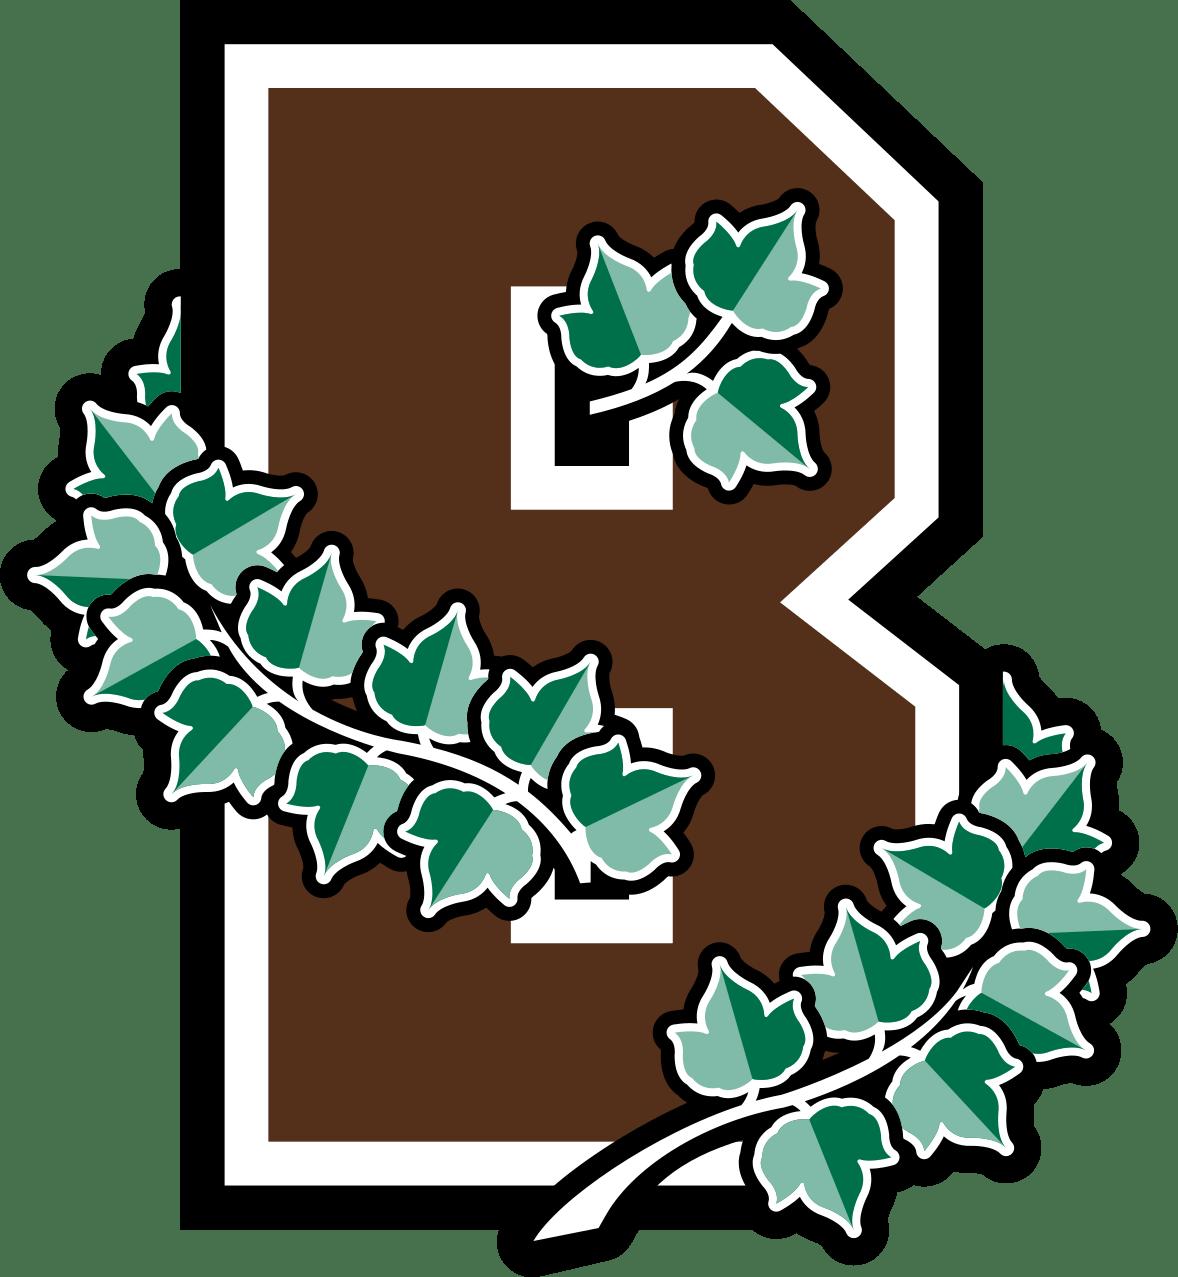 Brown University Bears Hall of Fame